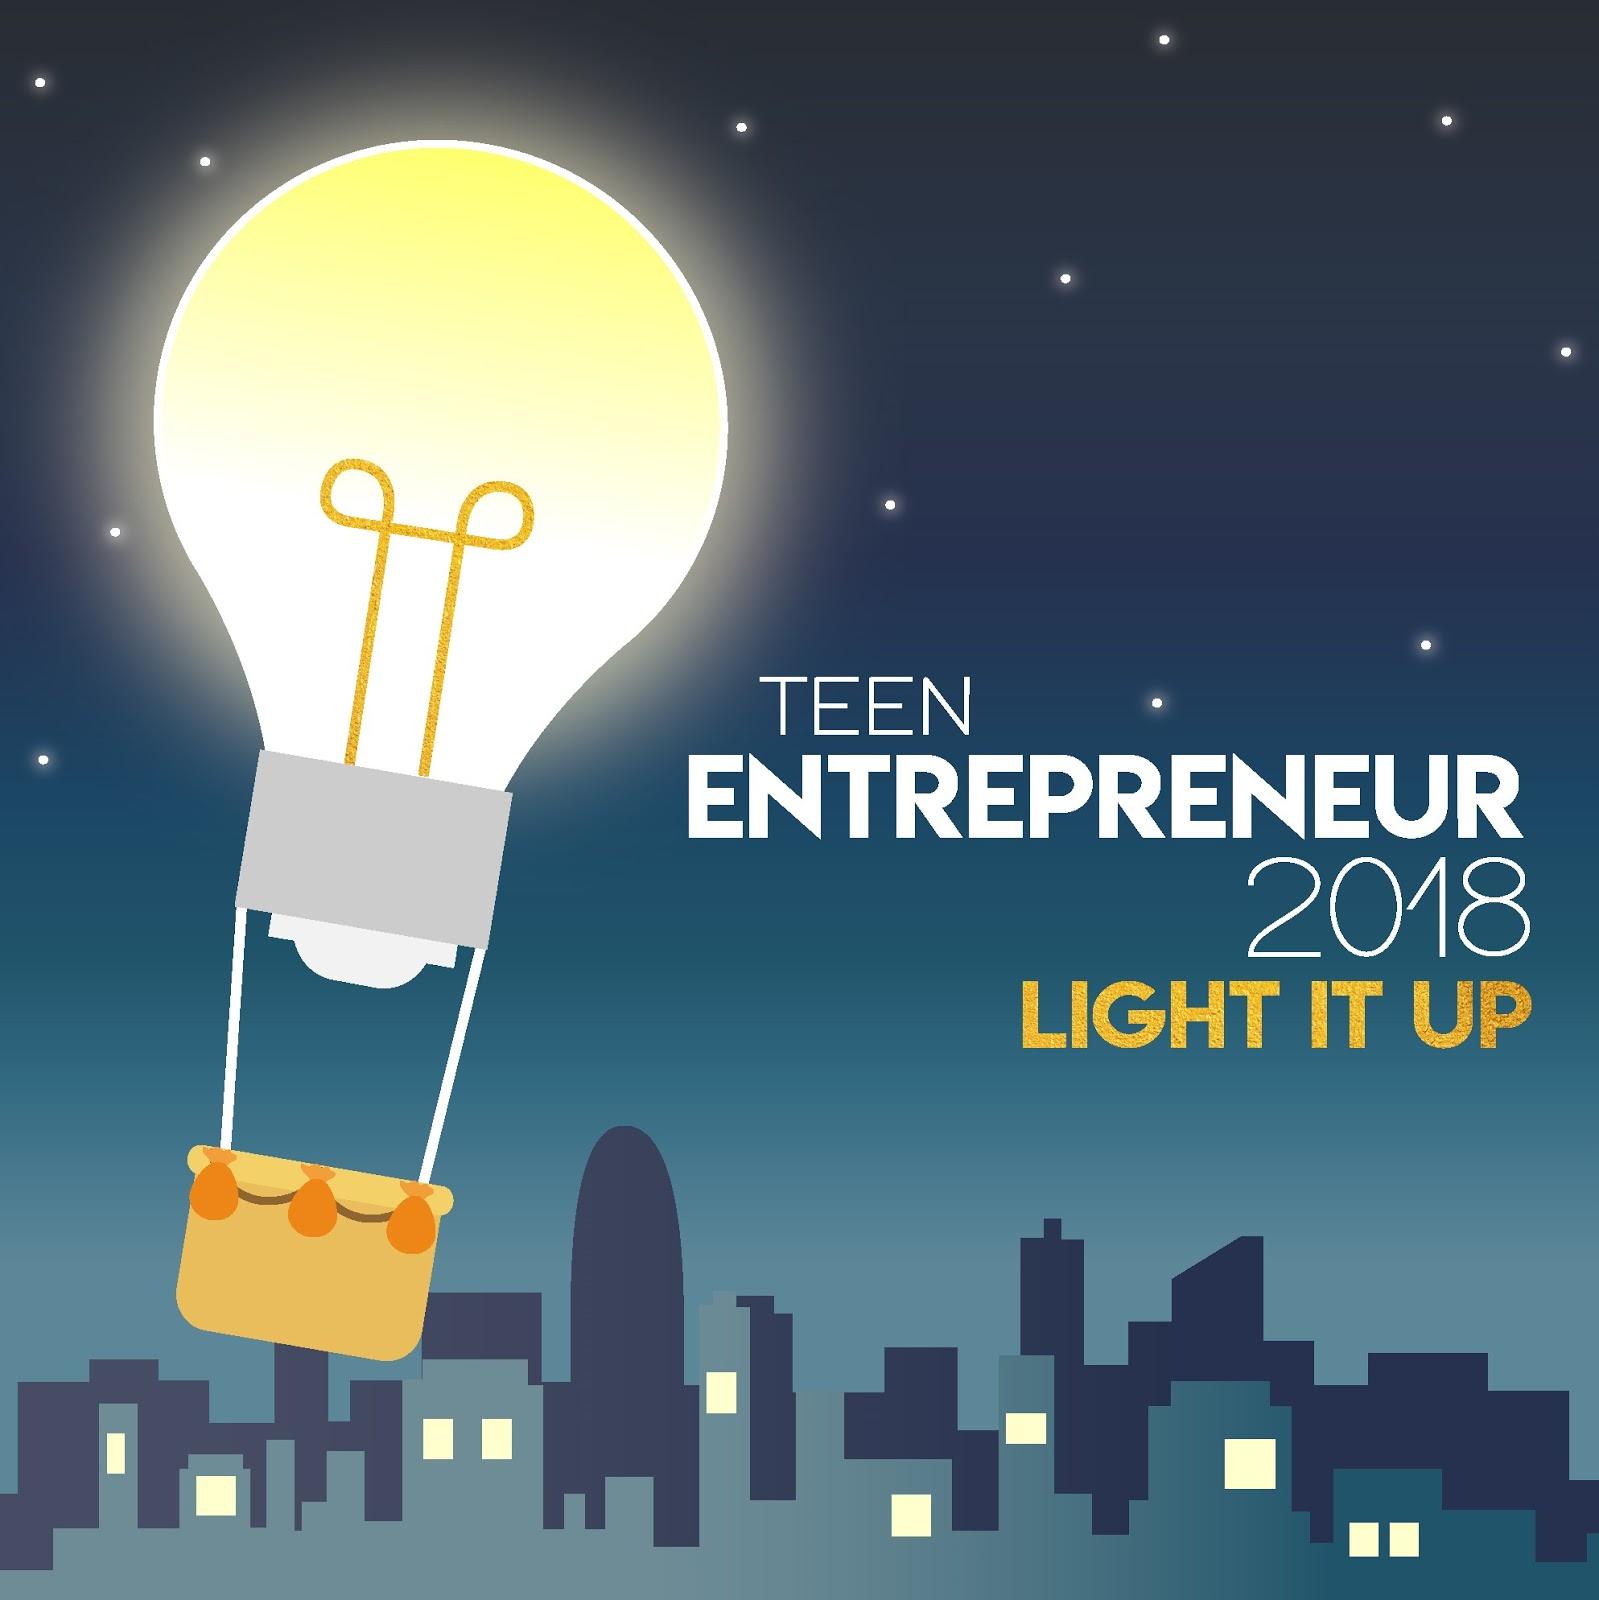 Logo cuộc thi ý tưởng sáng tạo năm nay